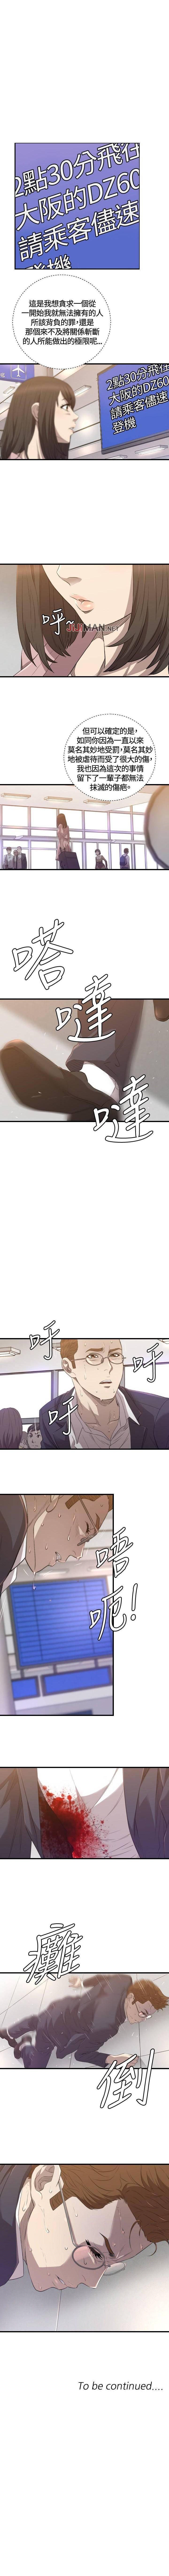 【已完结】索多玛俱乐部(作者:何藝媛&庫奈尼) 第1~32话 137